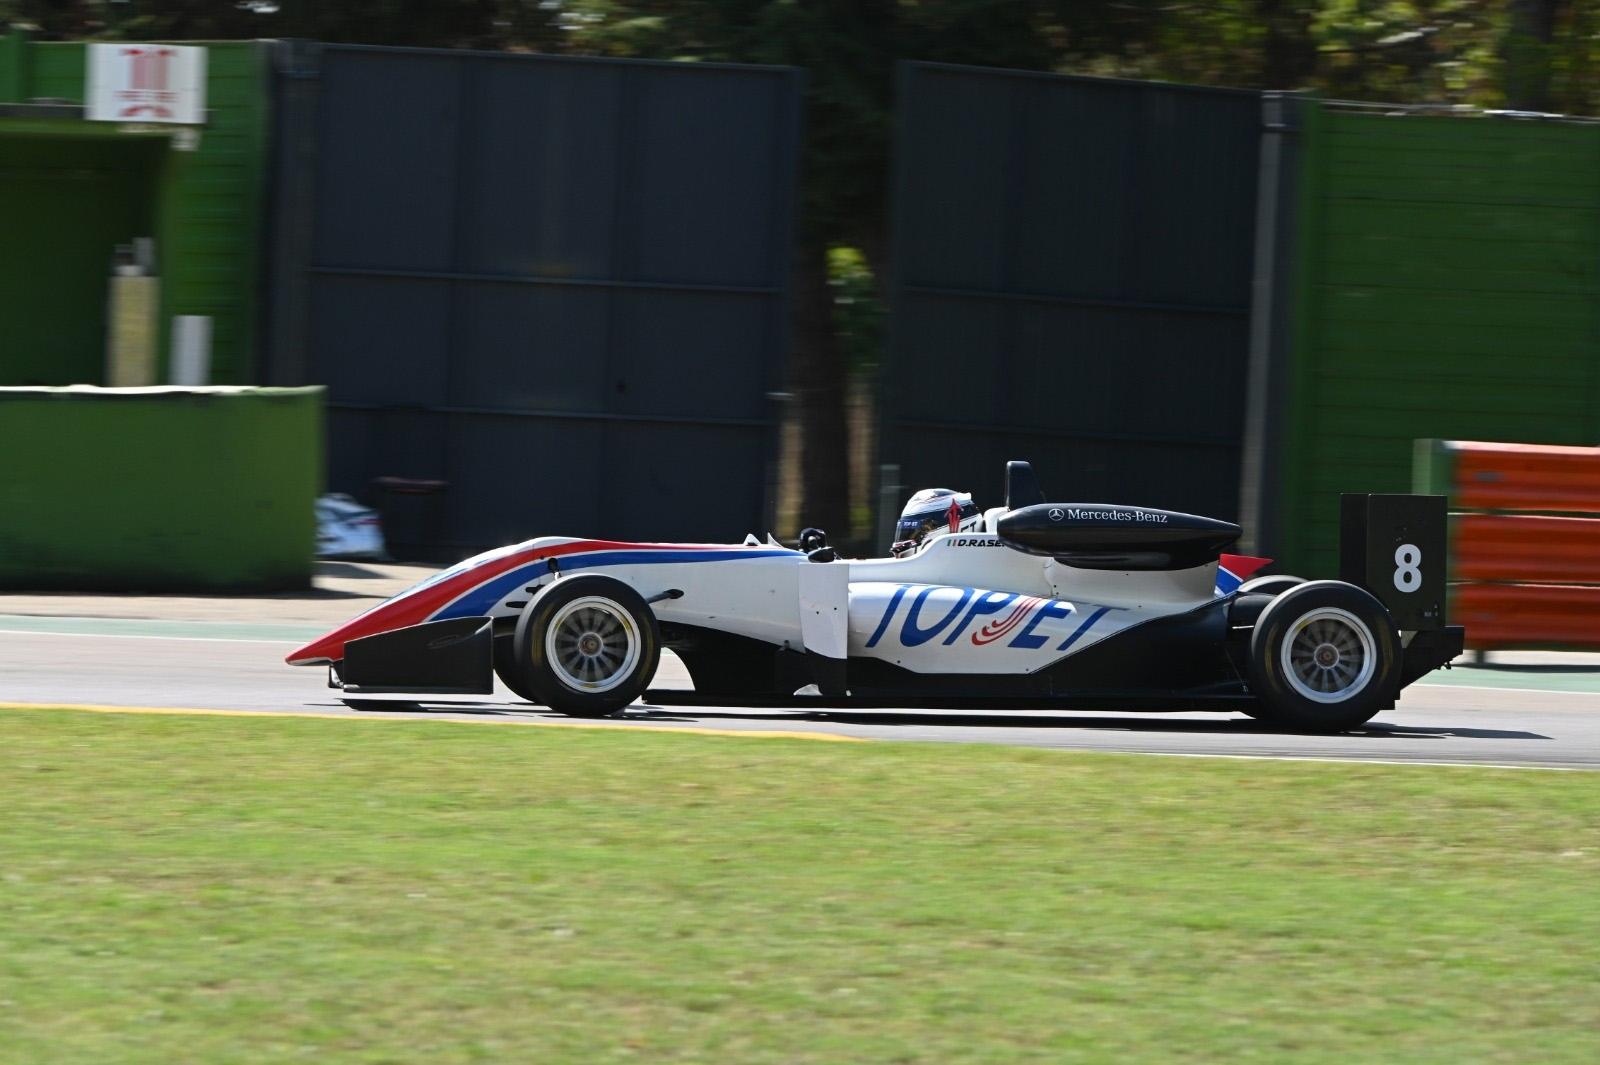 Papaleo a sorpresa vince Gara 1 del Topjet FX 2000 a Imola